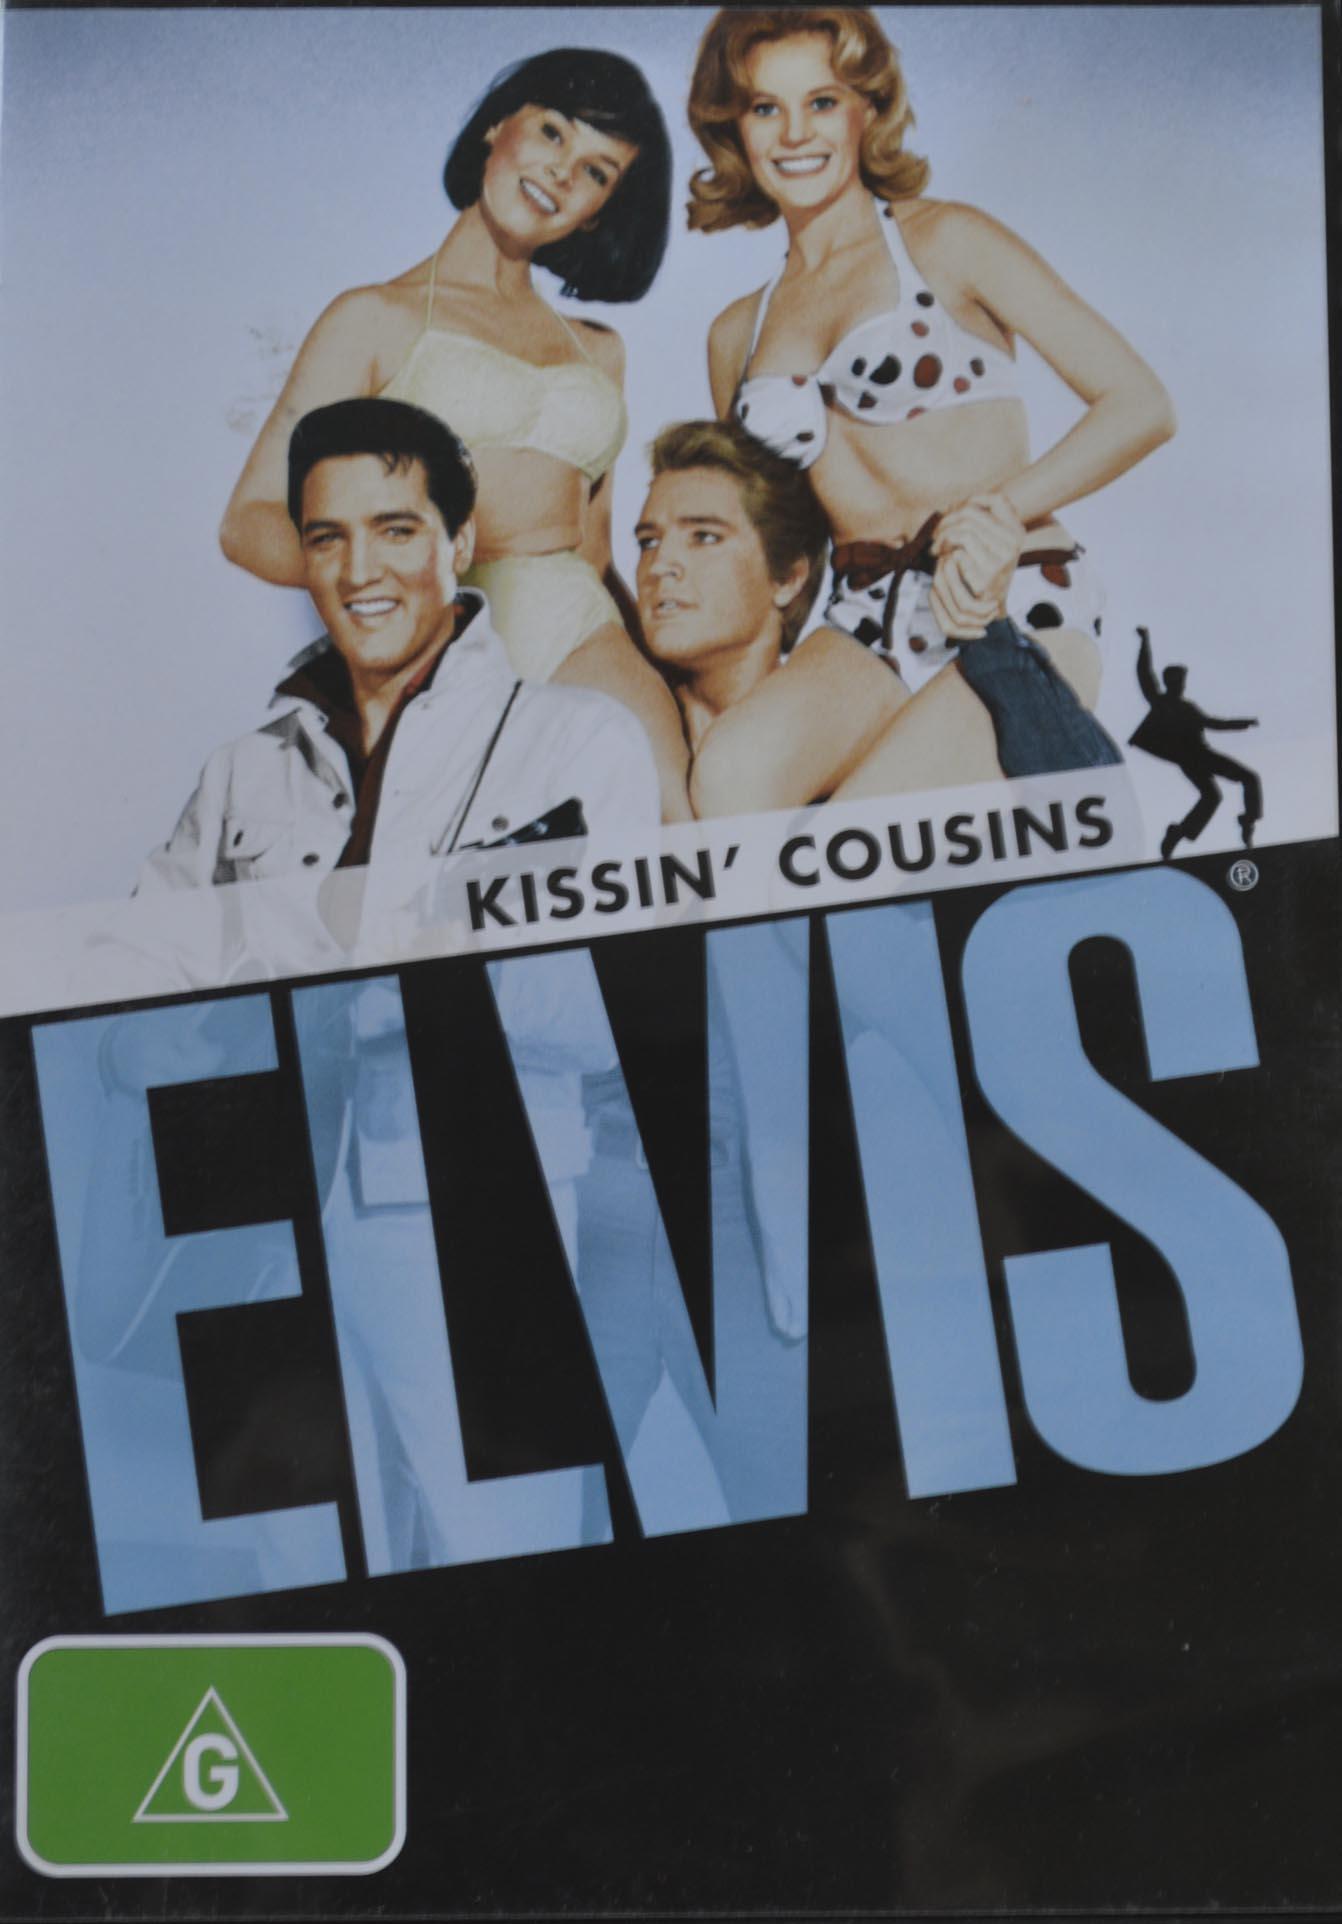 Kissing Cousins #Elvis